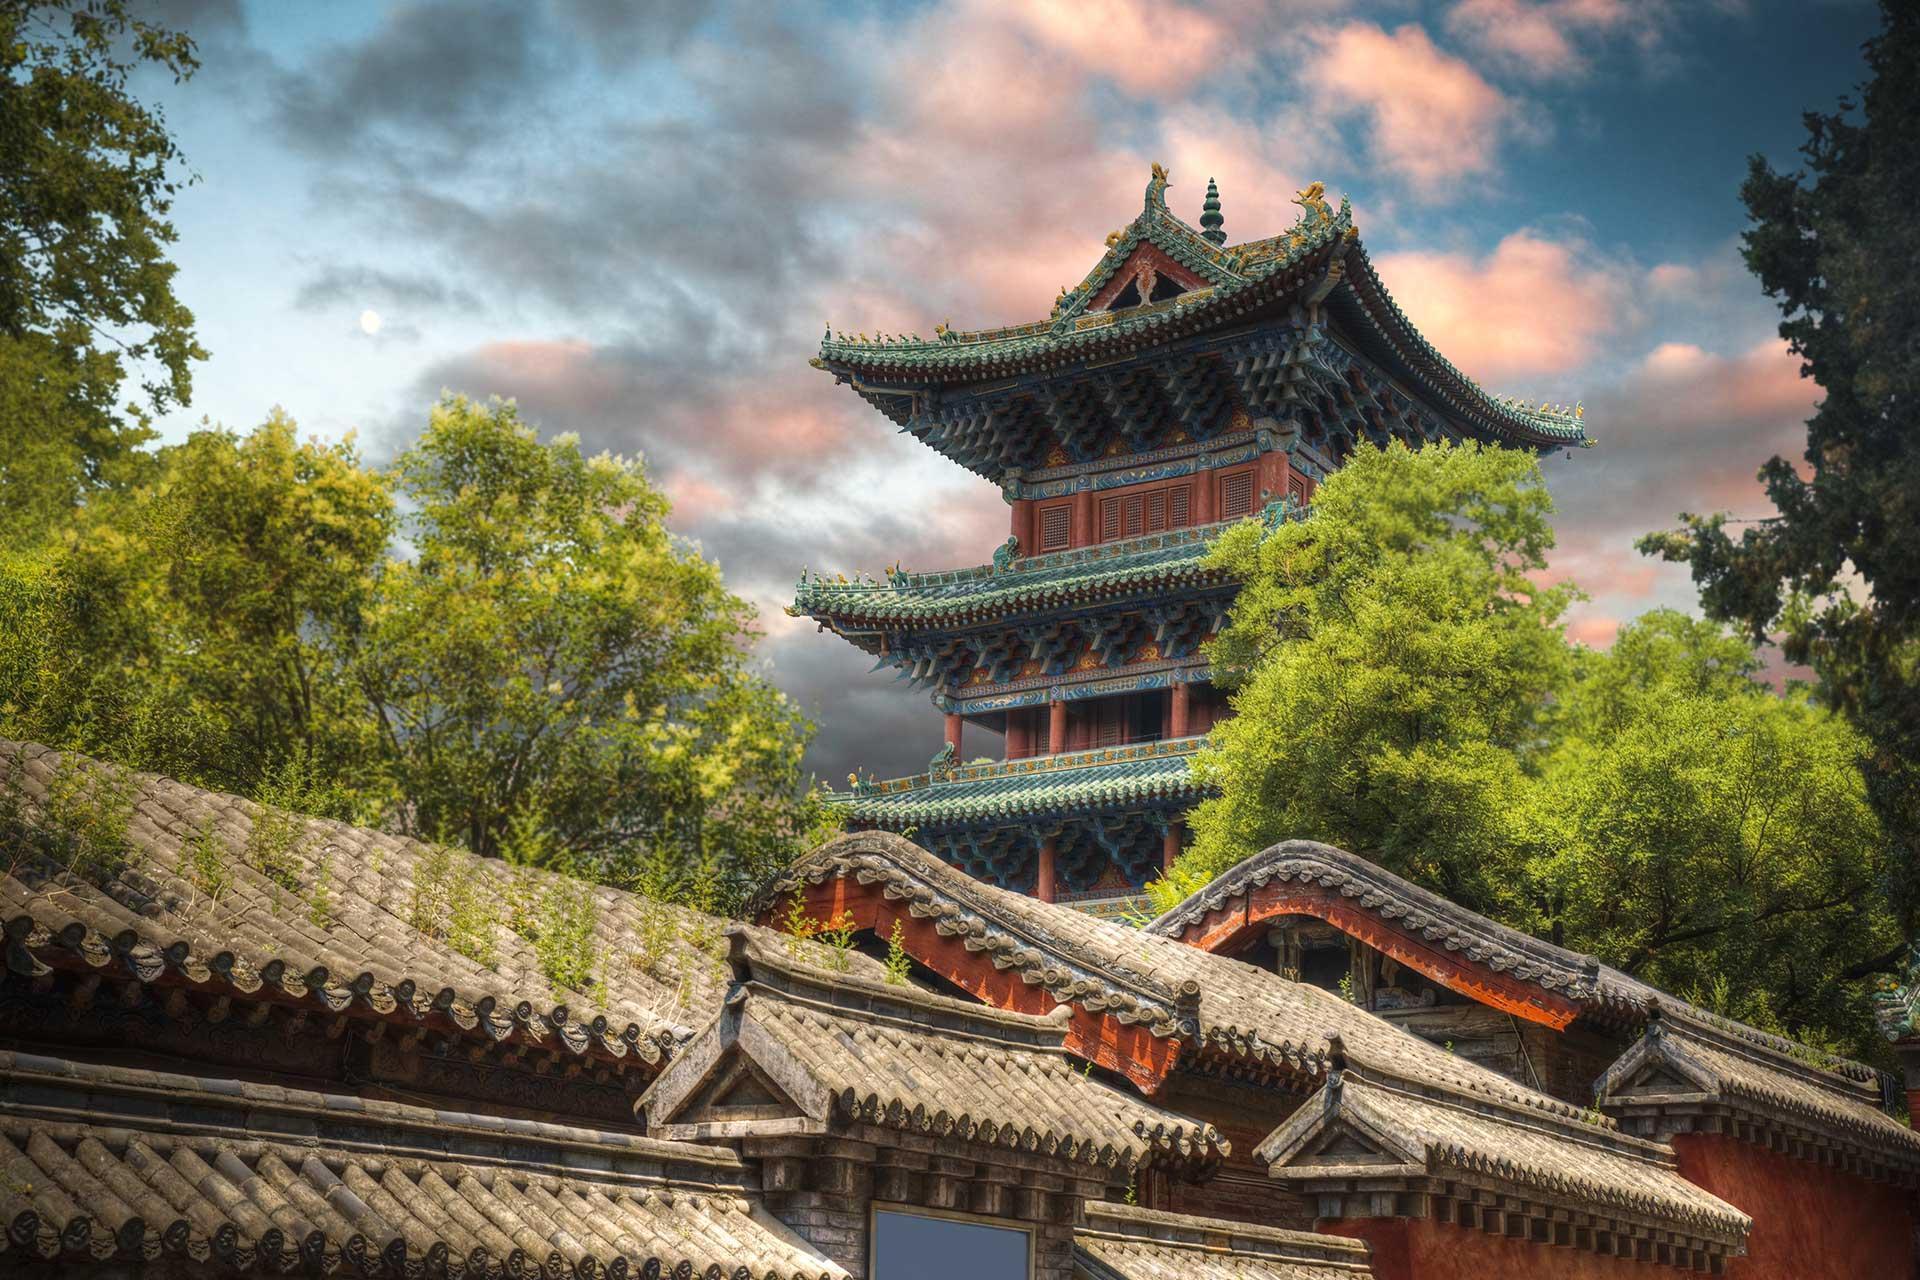 Estados Unidos alerta no viajar a China por el coronavirus